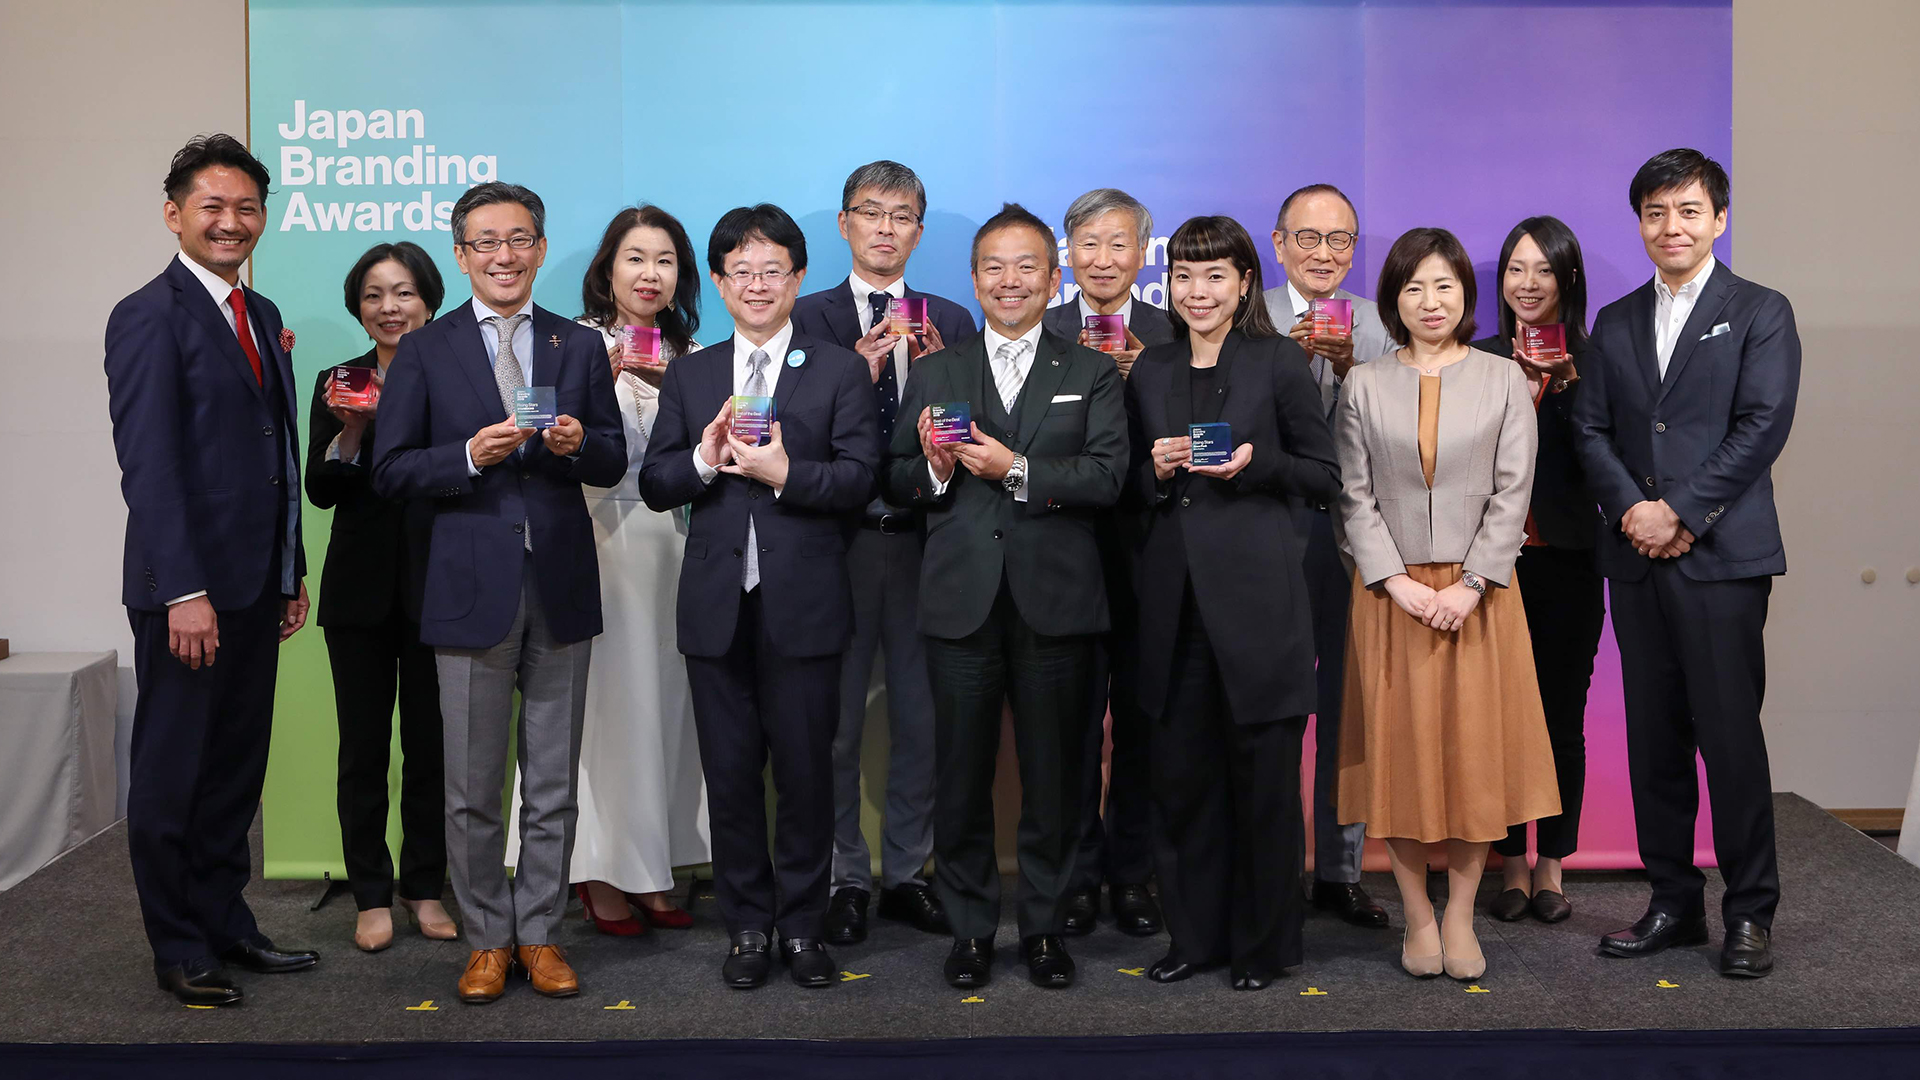 """「ブランディング」を評価する日本初のアワード """"Japan Branding Awards 2019""""の受賞ブランドを発表"""